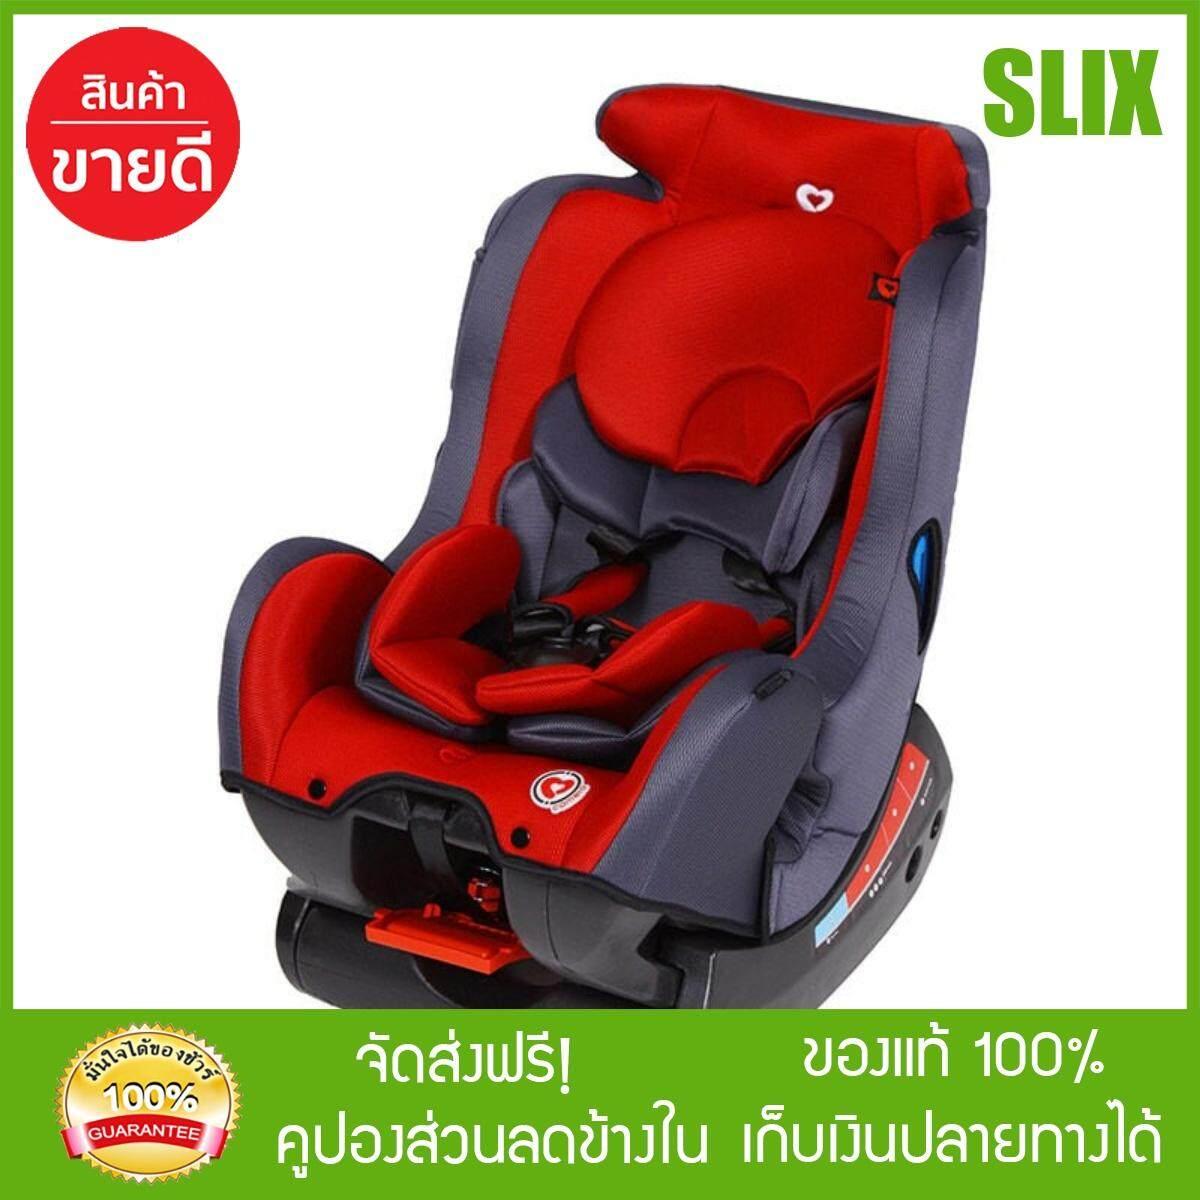 เก็บเงินปลายทางได้ [Slix]- CAMERA เบาะติดรถยนต์ 0-7ขวบ Backlong 2 หน้าเข้า-ออกได้ แดง คาร์ซีท คาร์ซีทเด็ก คาร์ซีท camera car seat ส่ง Kerry เก็บปลายทางได้